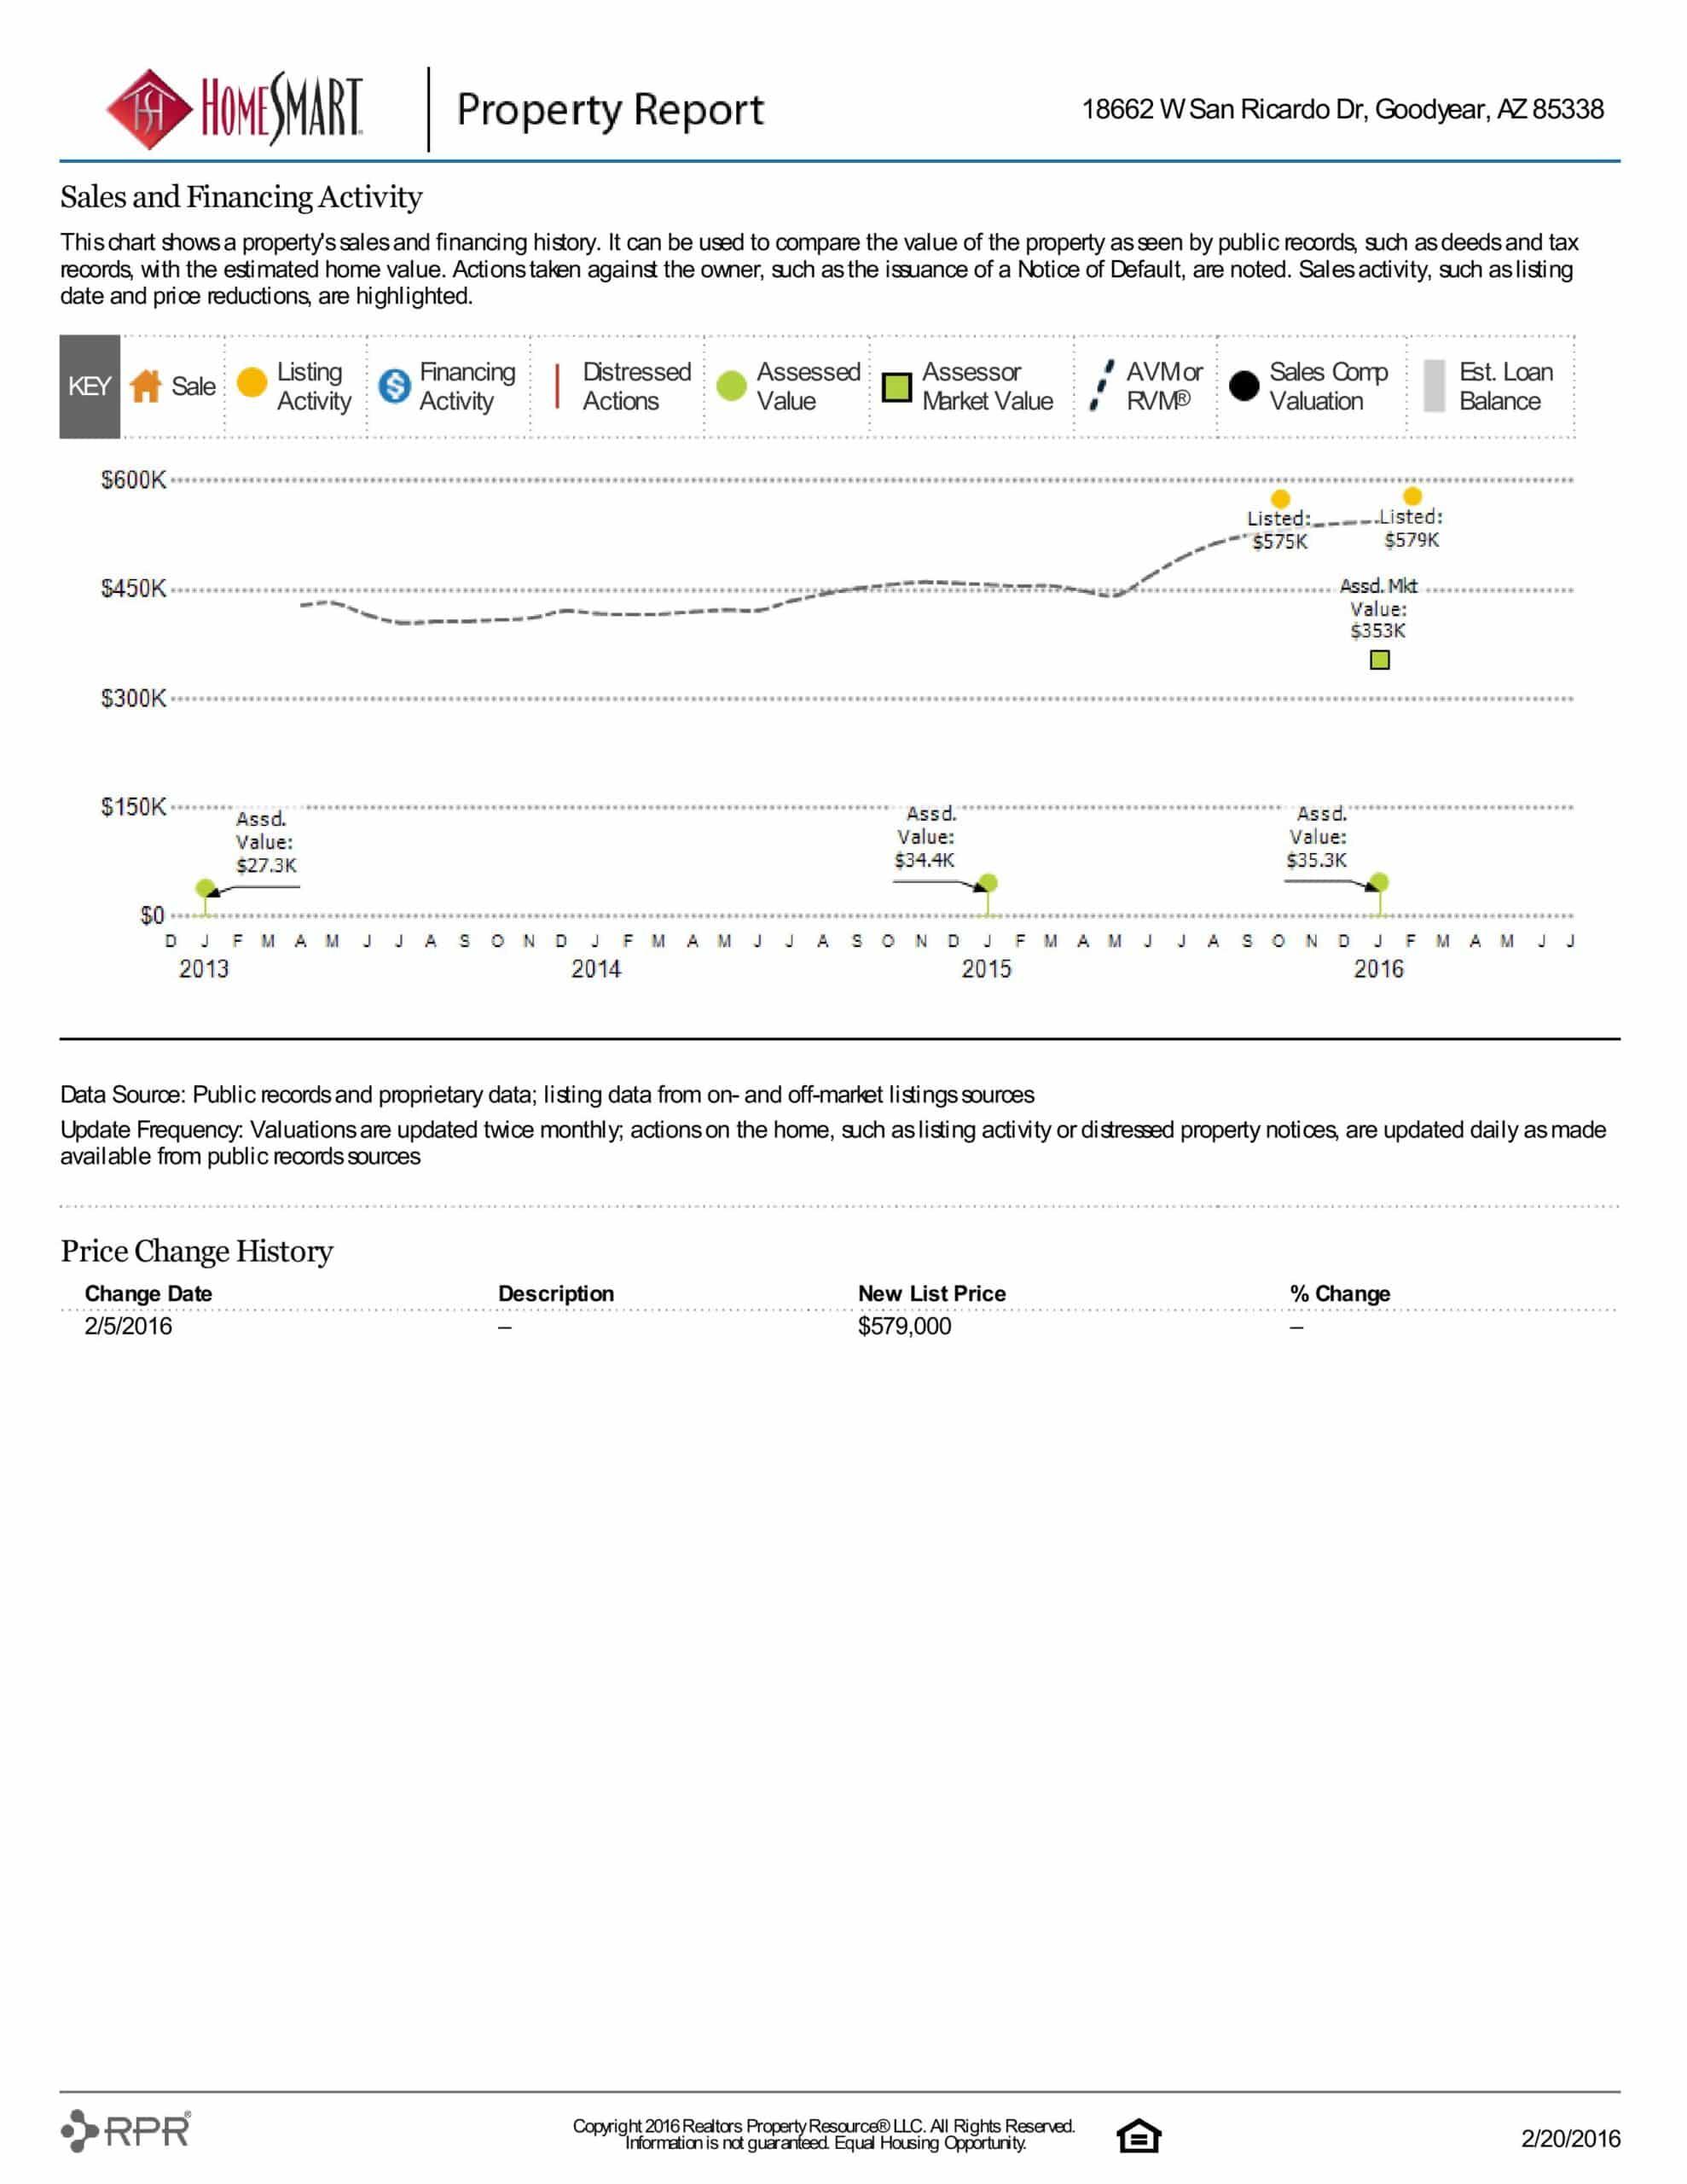 18662 W SAN RICARDO DR PROPERTY REPORT-page-014